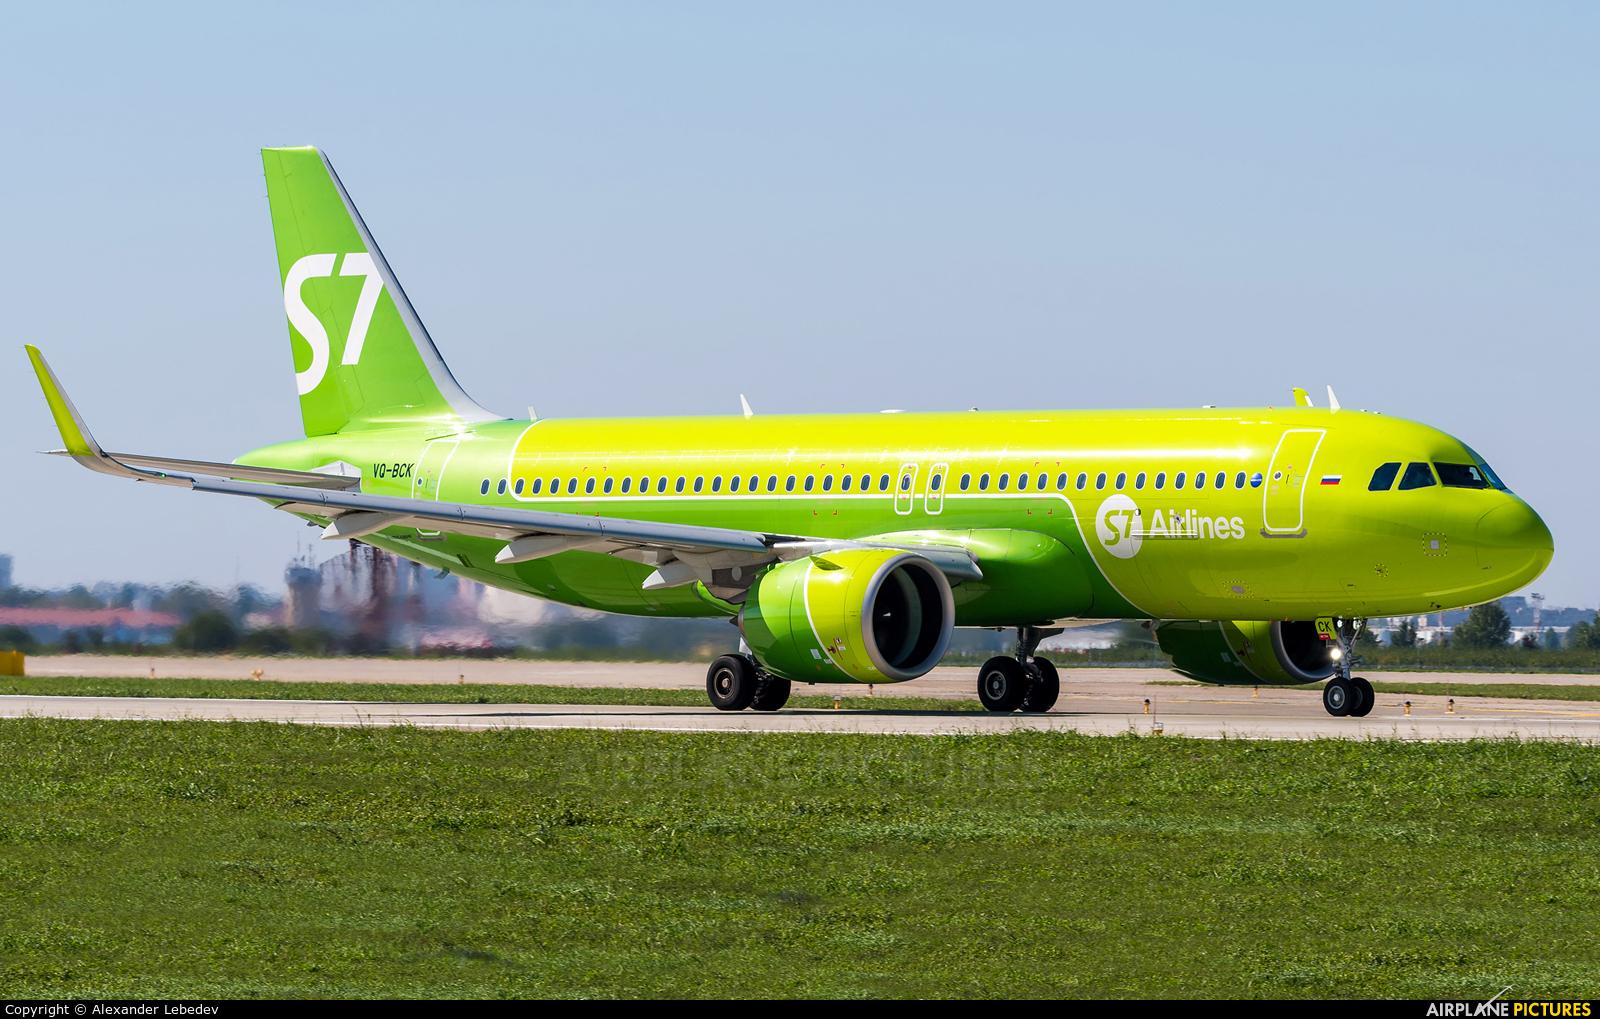 S7 Airlines VQ-BCK aircraft at Krasnodar